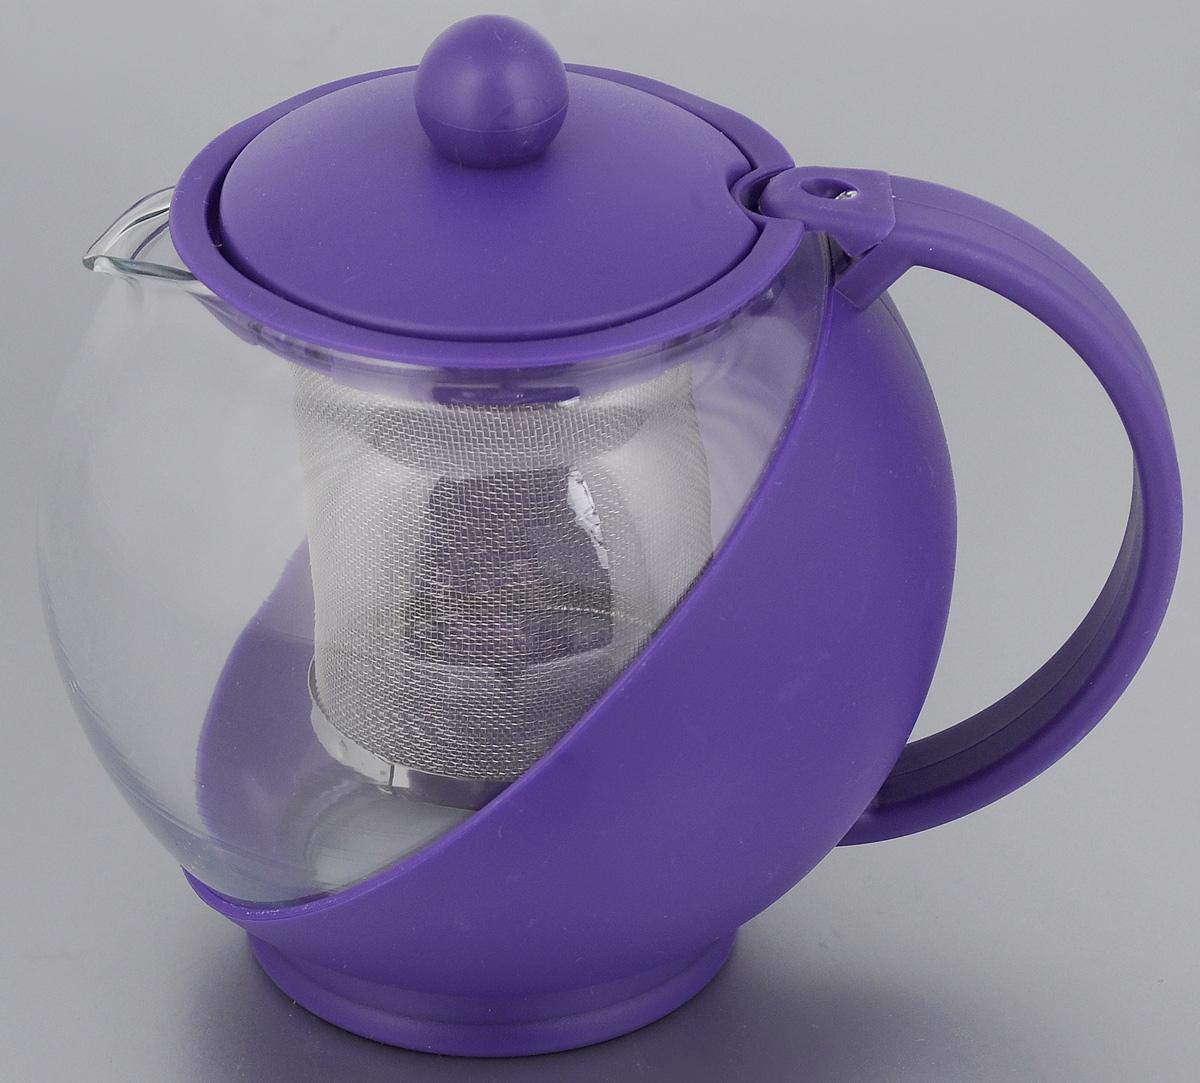 Чайник заварочный Mayer & Boch, с фильтром, цвет: прозрачный, фиолетовый, 750 мл. 2573825738_фиолетовыйЗаварочный чайник Mayer & Boch изготовлен из жаропрочного стекла и полипропилена. Чай в таком чайнике дольше остается горячим, а полезные и ароматические вещества полностью сохраняются в напитке. Чайник оснащен фильтром из нержавеющей стали и крышкой. Простой и удобный чайник поможет вам приготовить крепкий, ароматный чай. Диаметр чайника (по верхнему краю): 8 см. Высота чайника (без учета крышки): 11,5 см. Высота фильтра: 7,2 см.